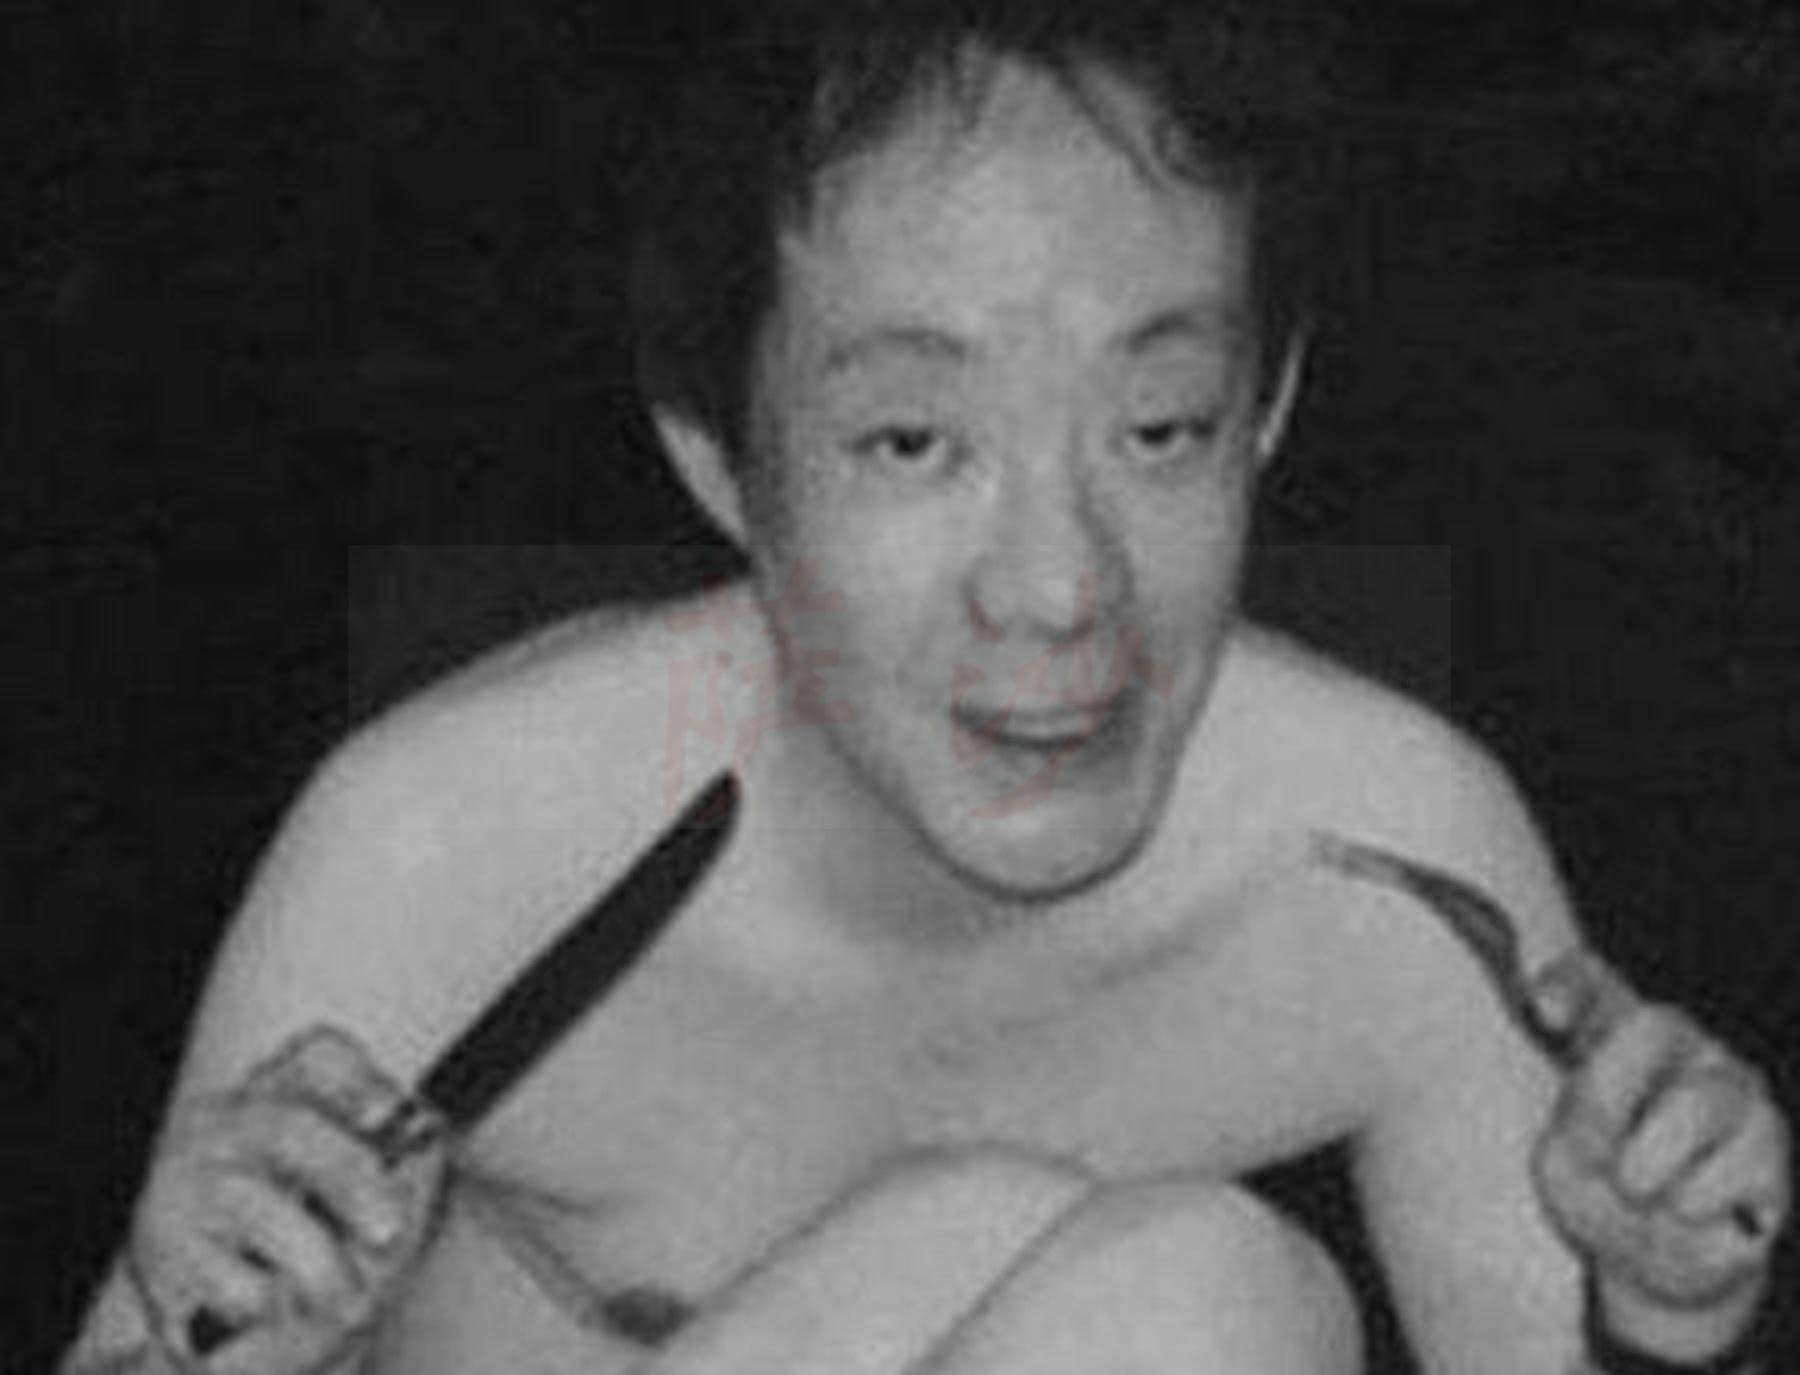 日本头号变态食人魔就是他:吃掉白人美女的变态狂佐川一政